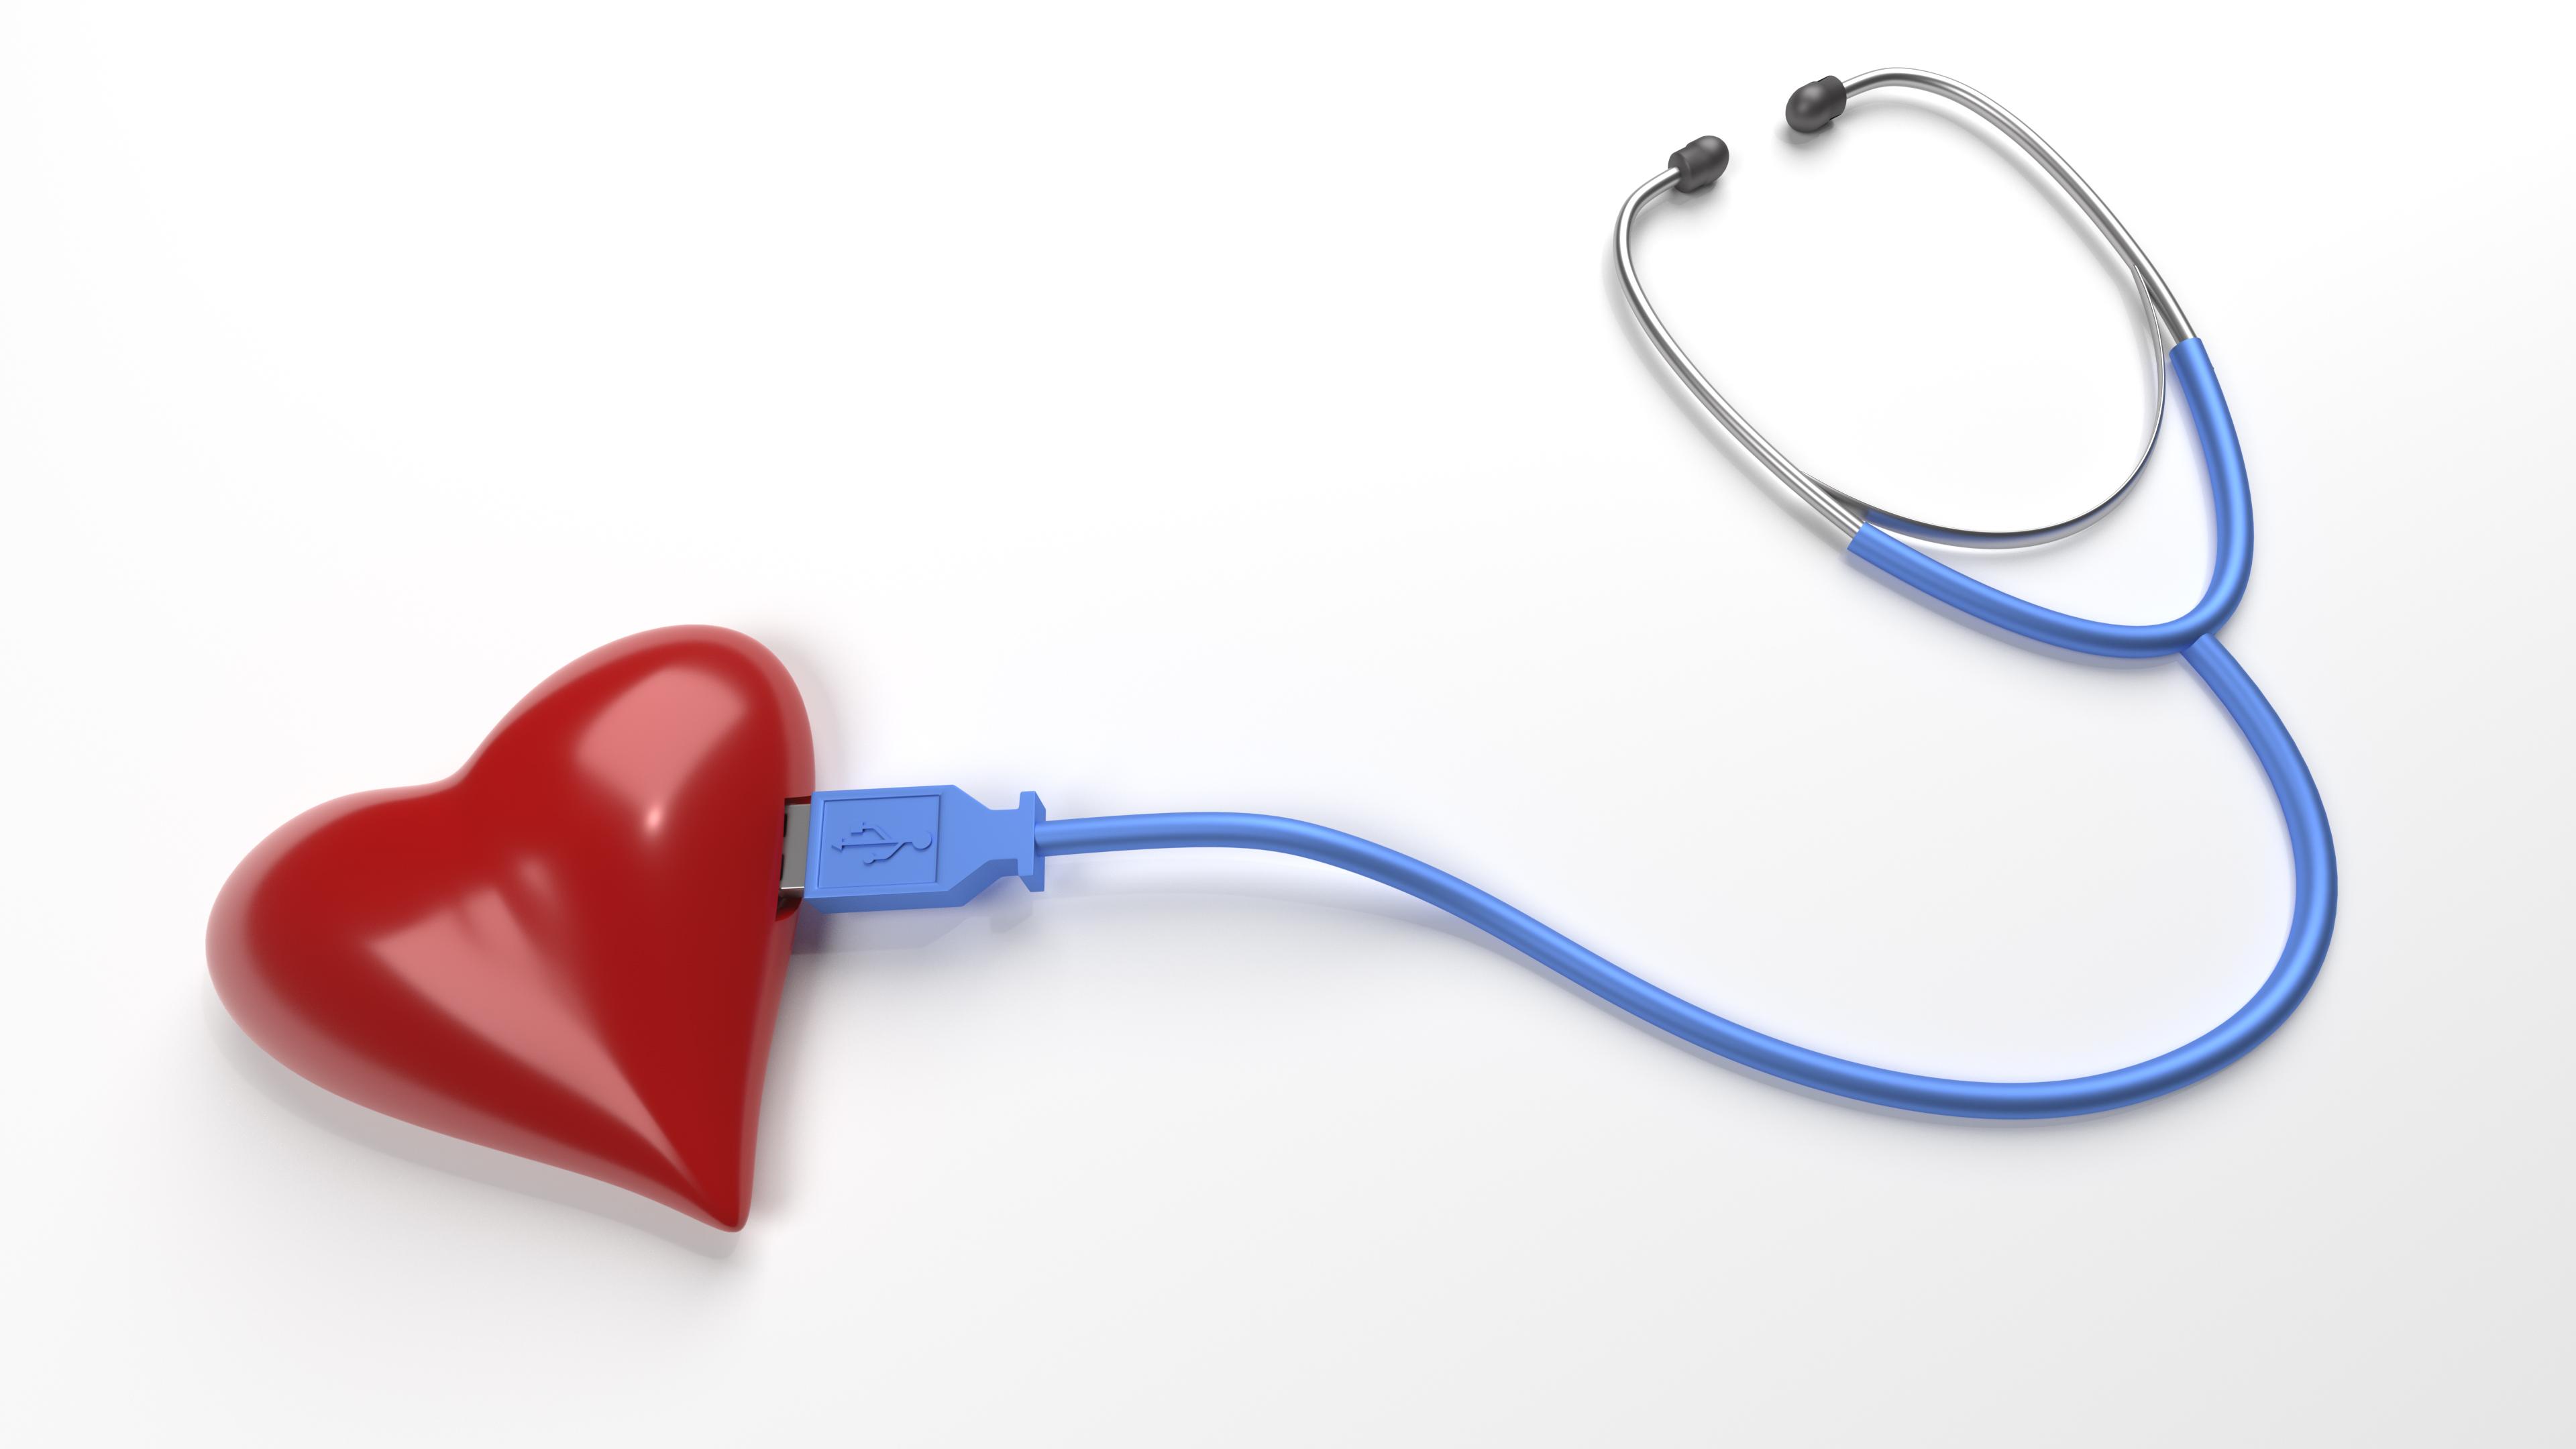 Kostenlose foto : Kabel, Herz, Kardiologie, Pflege, Untersuchung ...